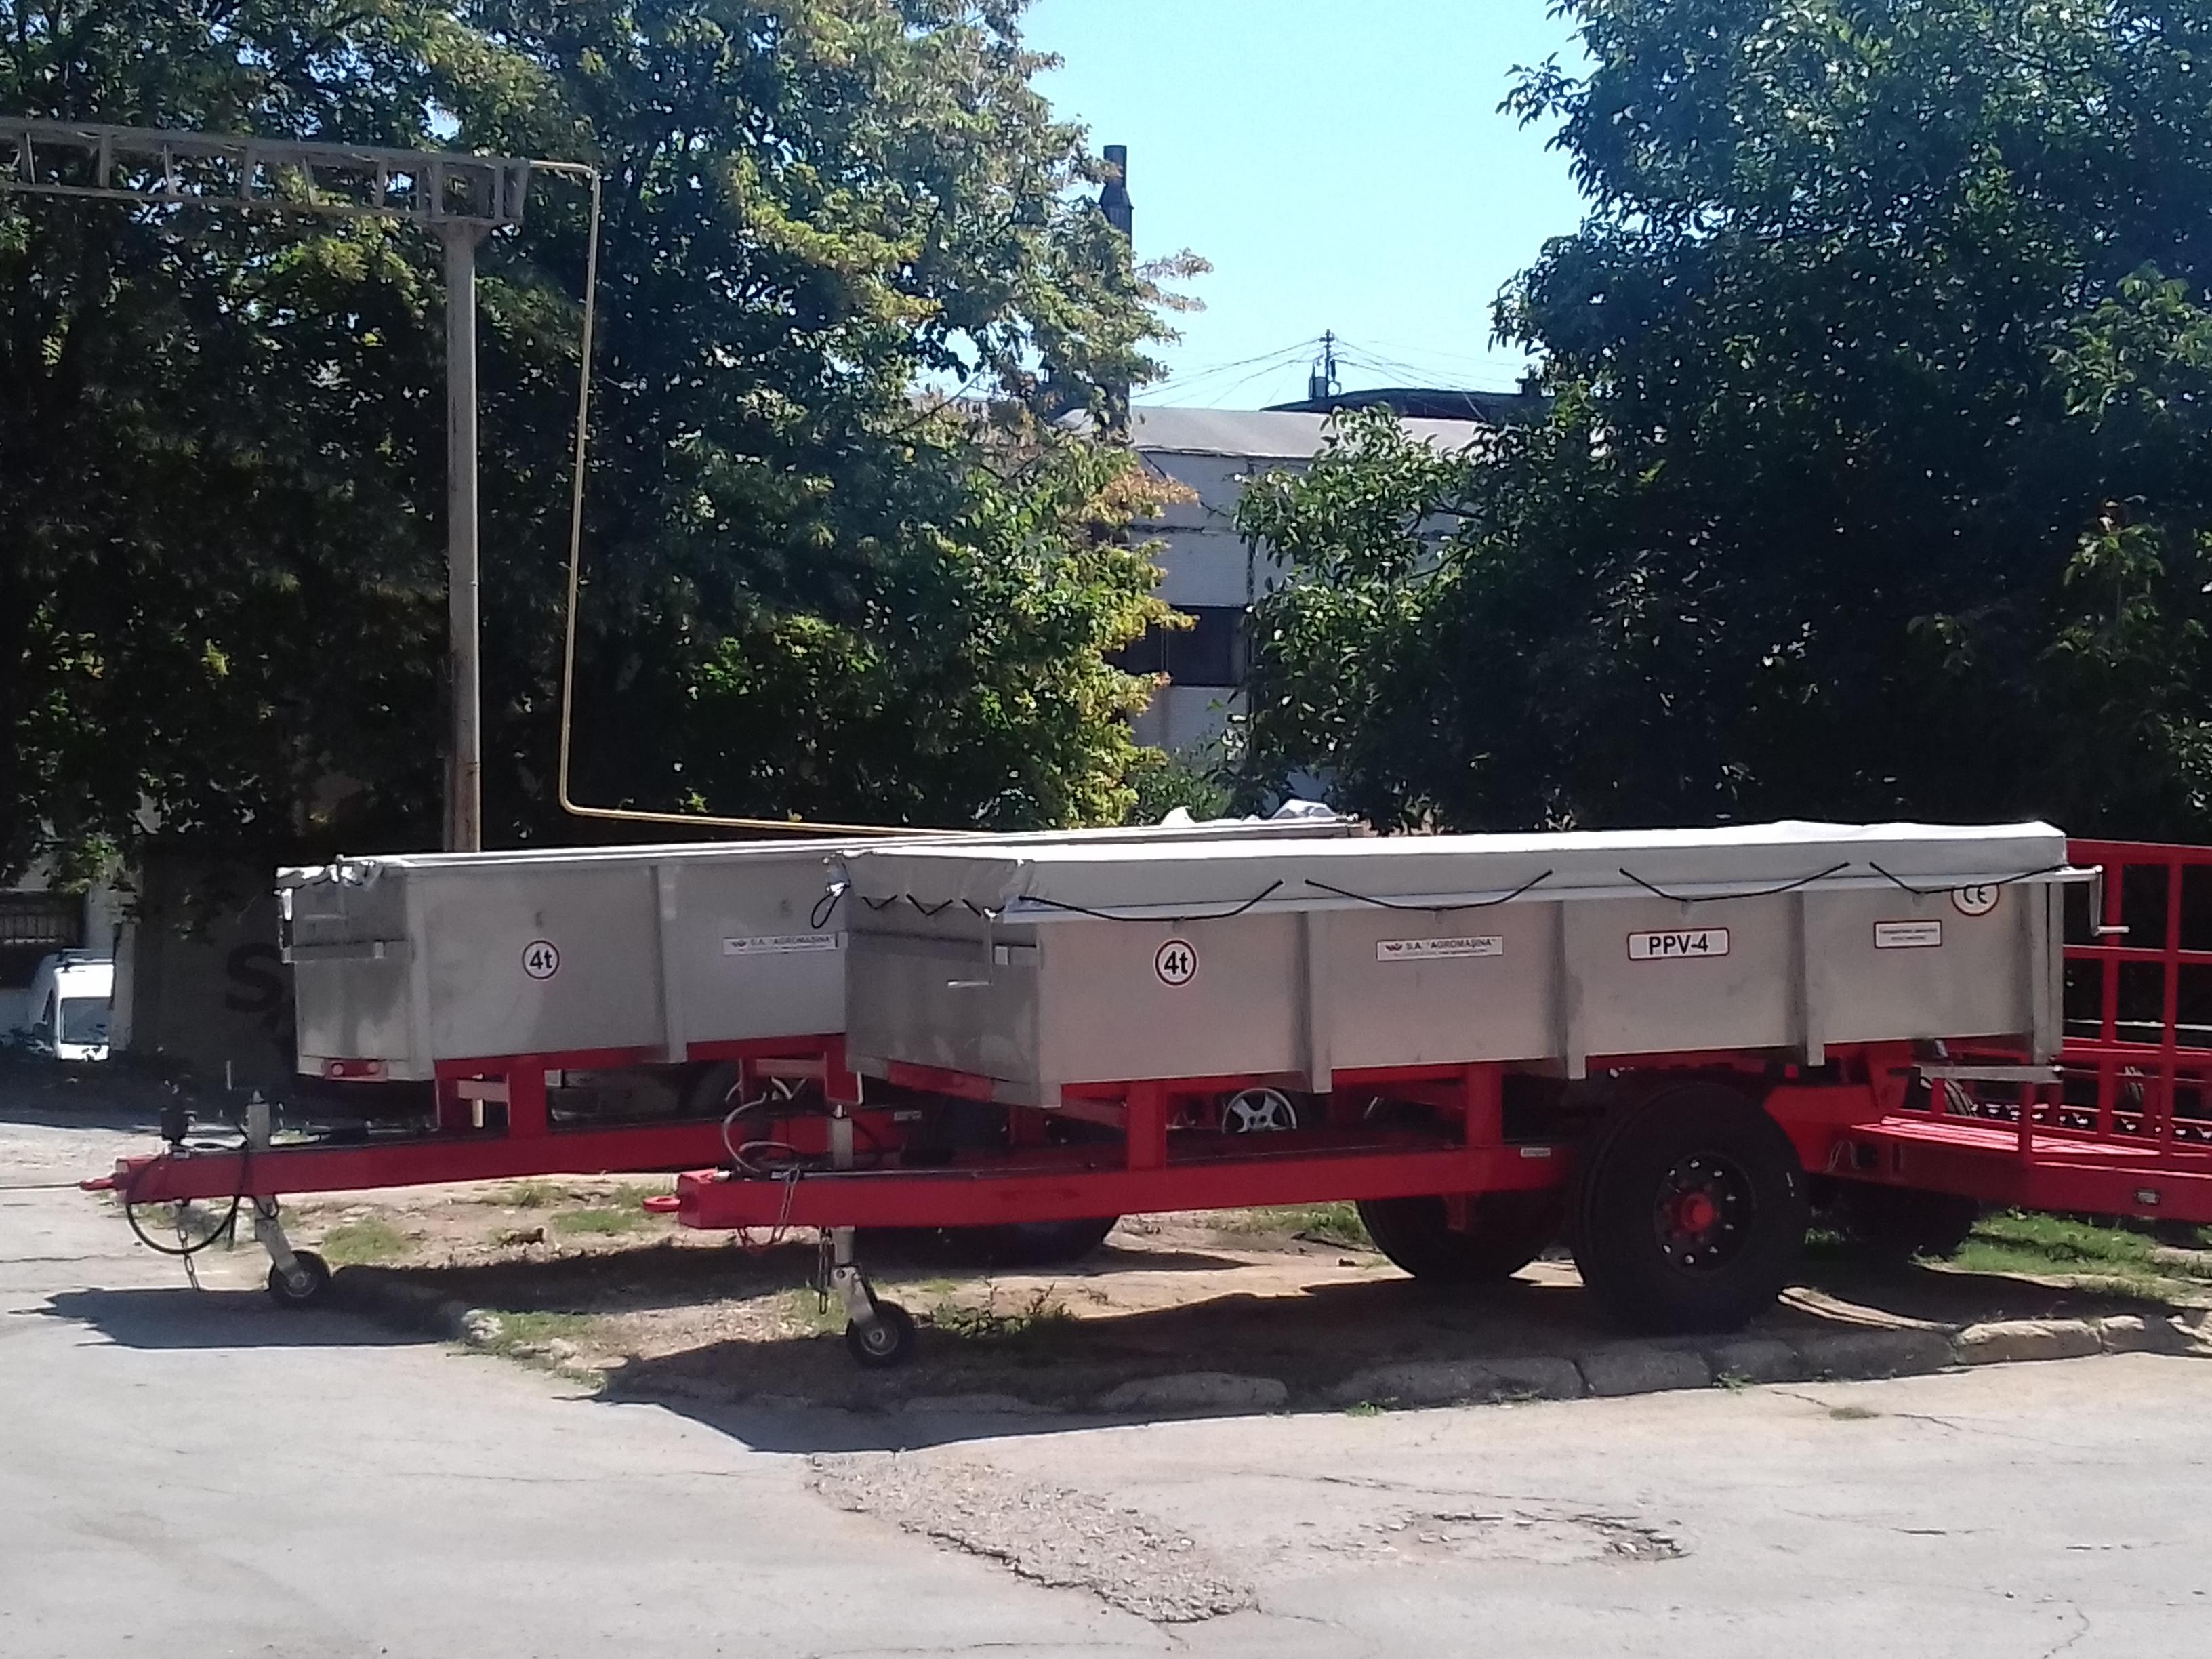 Semiremorca pentru transportarea strugurilor PPV-4 (4t) - Image 6